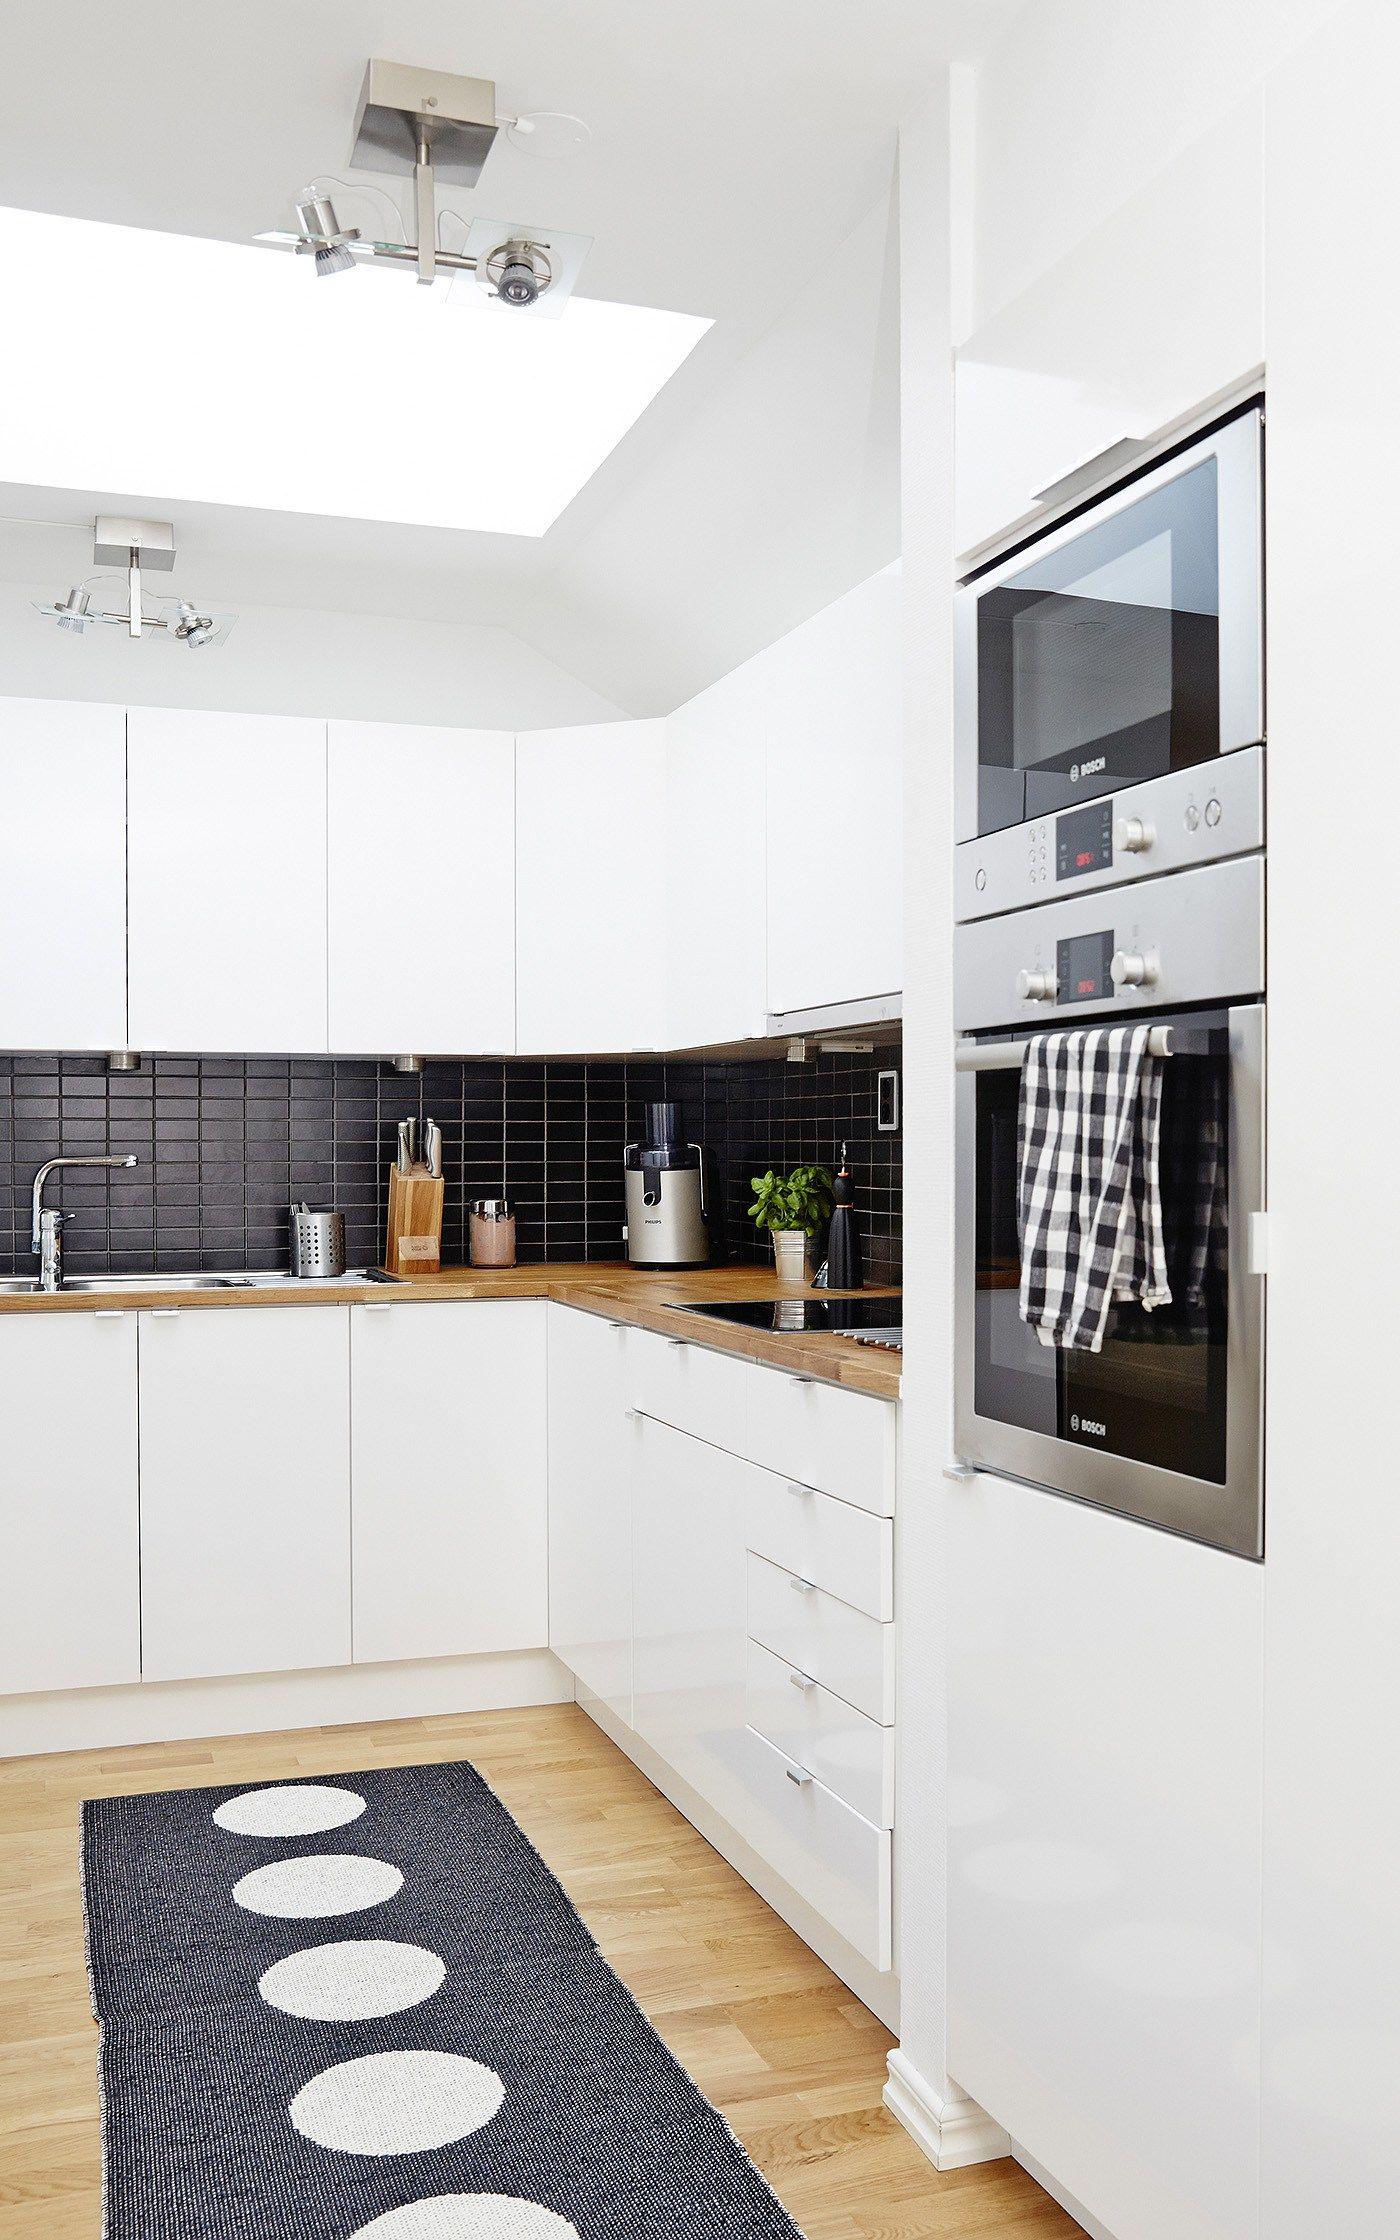 estilo nrdico escandinavo encimeras de madera cuidados encimeras de cocina de madera decoracin diseo nrdico